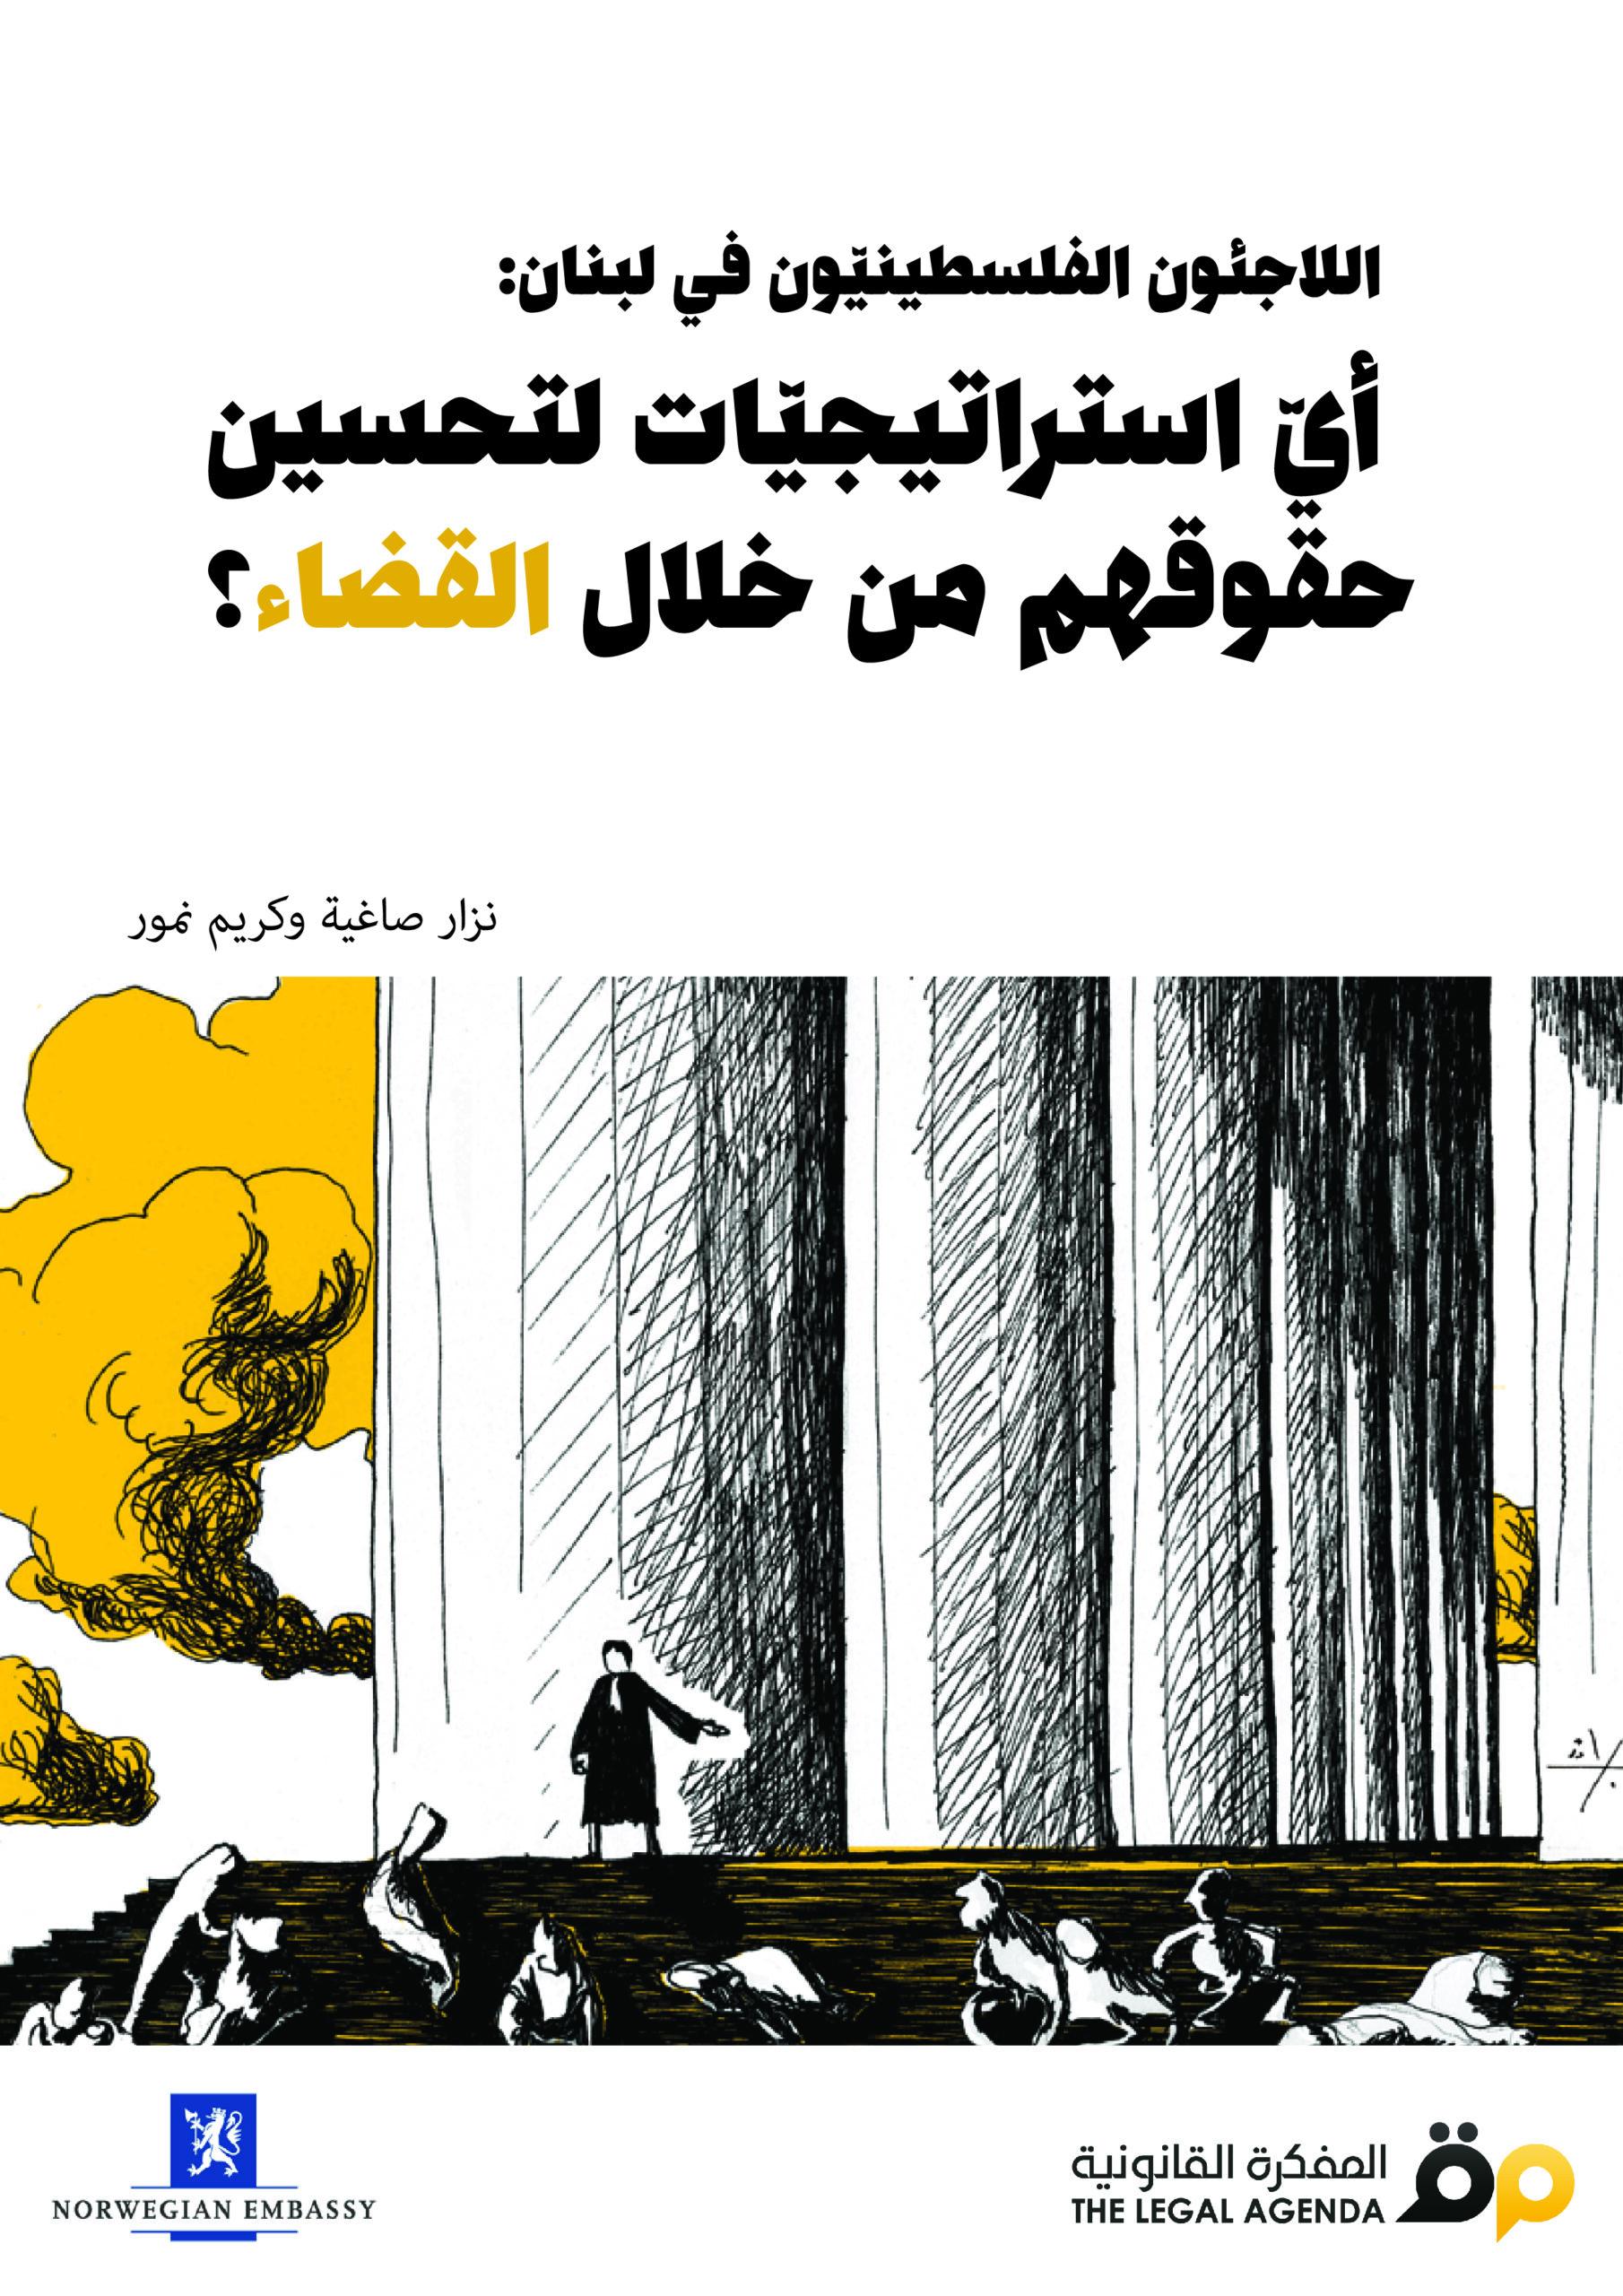 اللاجئون الفلسطينيّون في لبنان: أيّ استراتيجيّات لتحسين حقوقهم من خلال القضاء؟